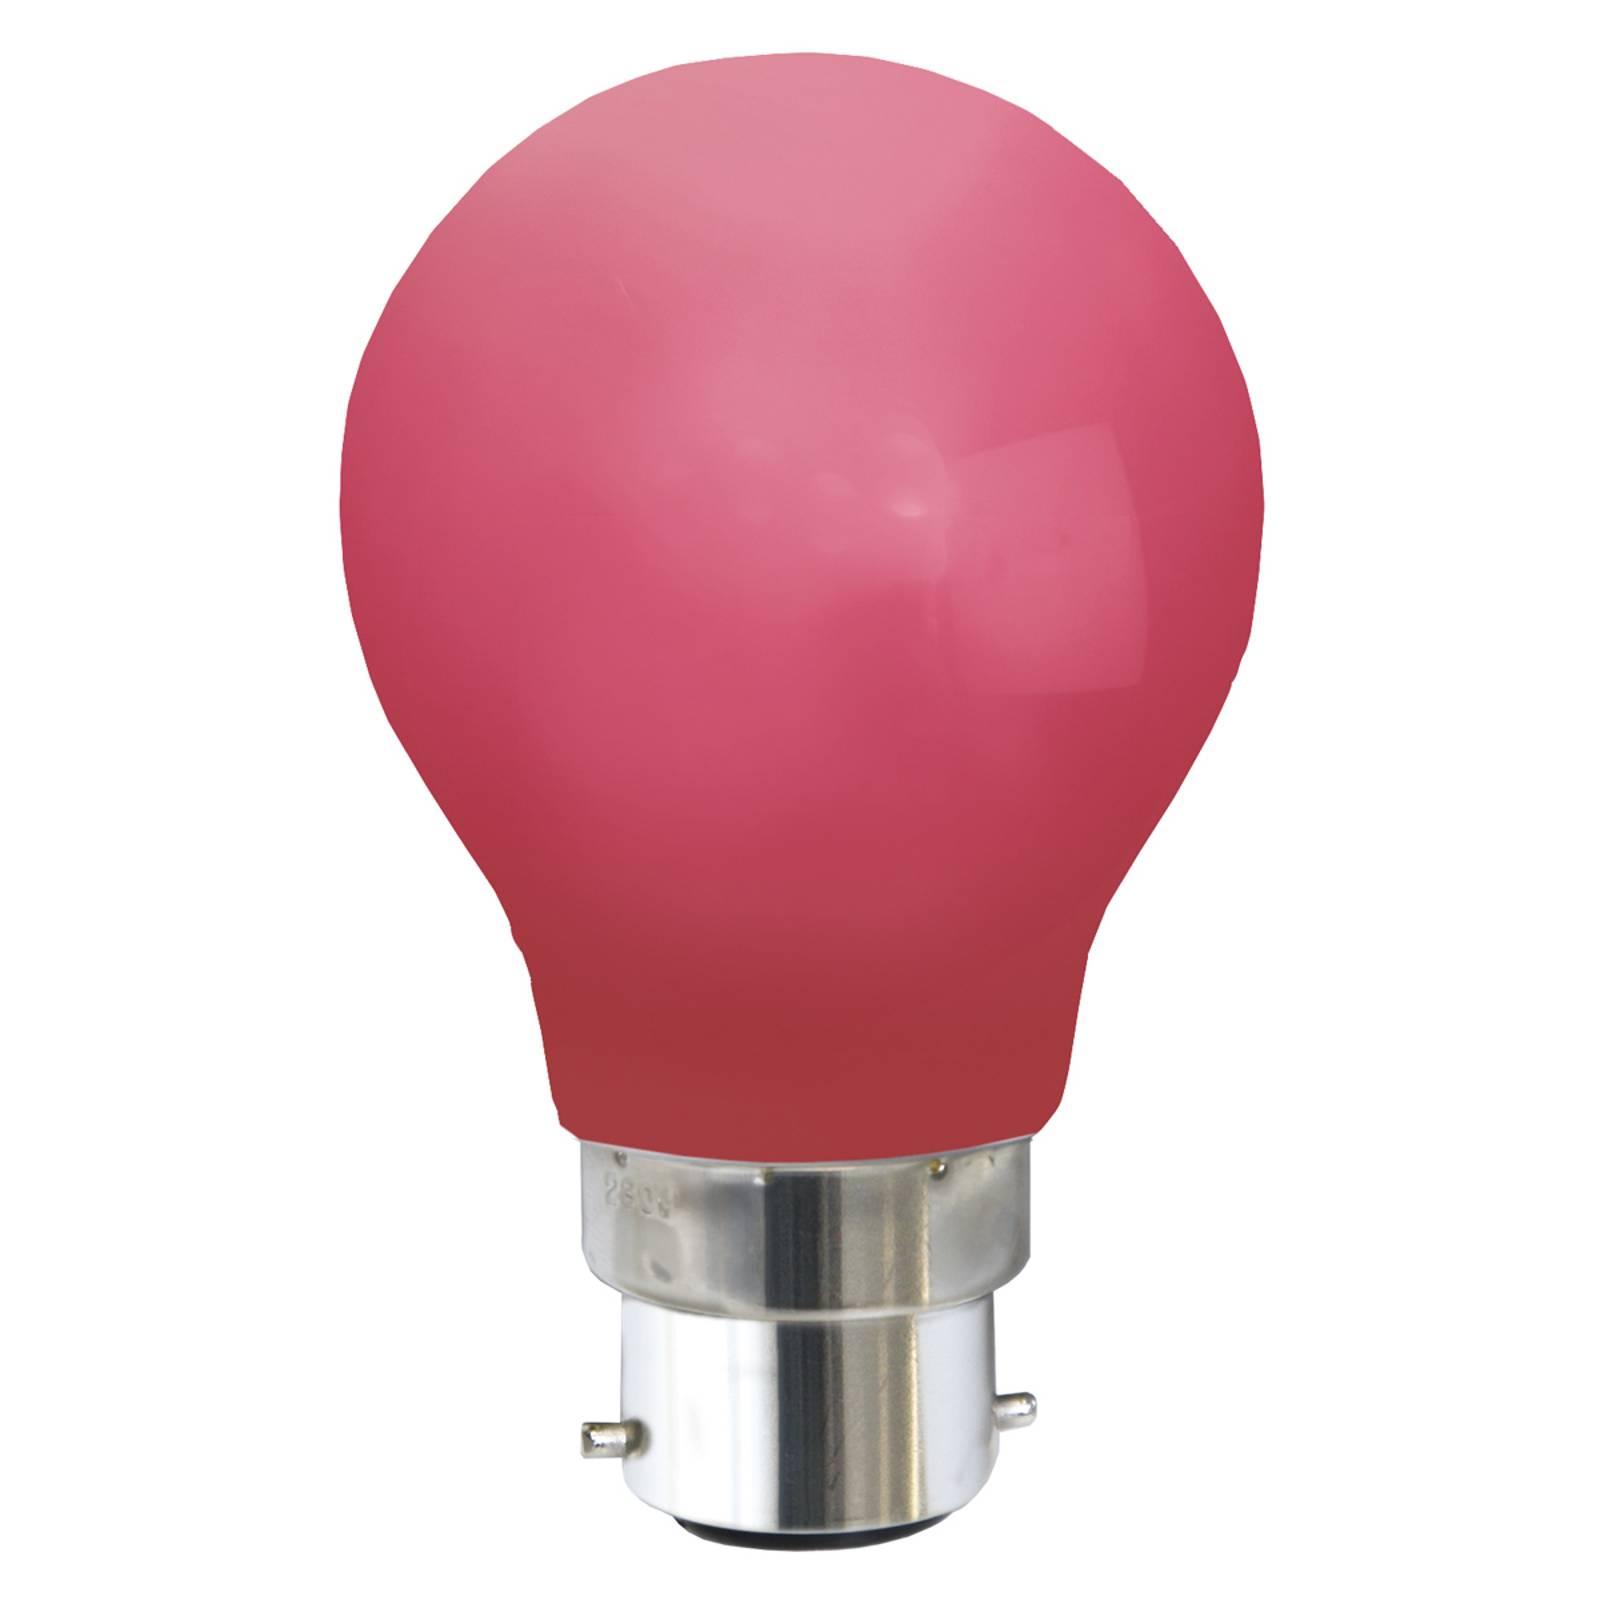 B22 0,9W -LED-lamppu, punainen